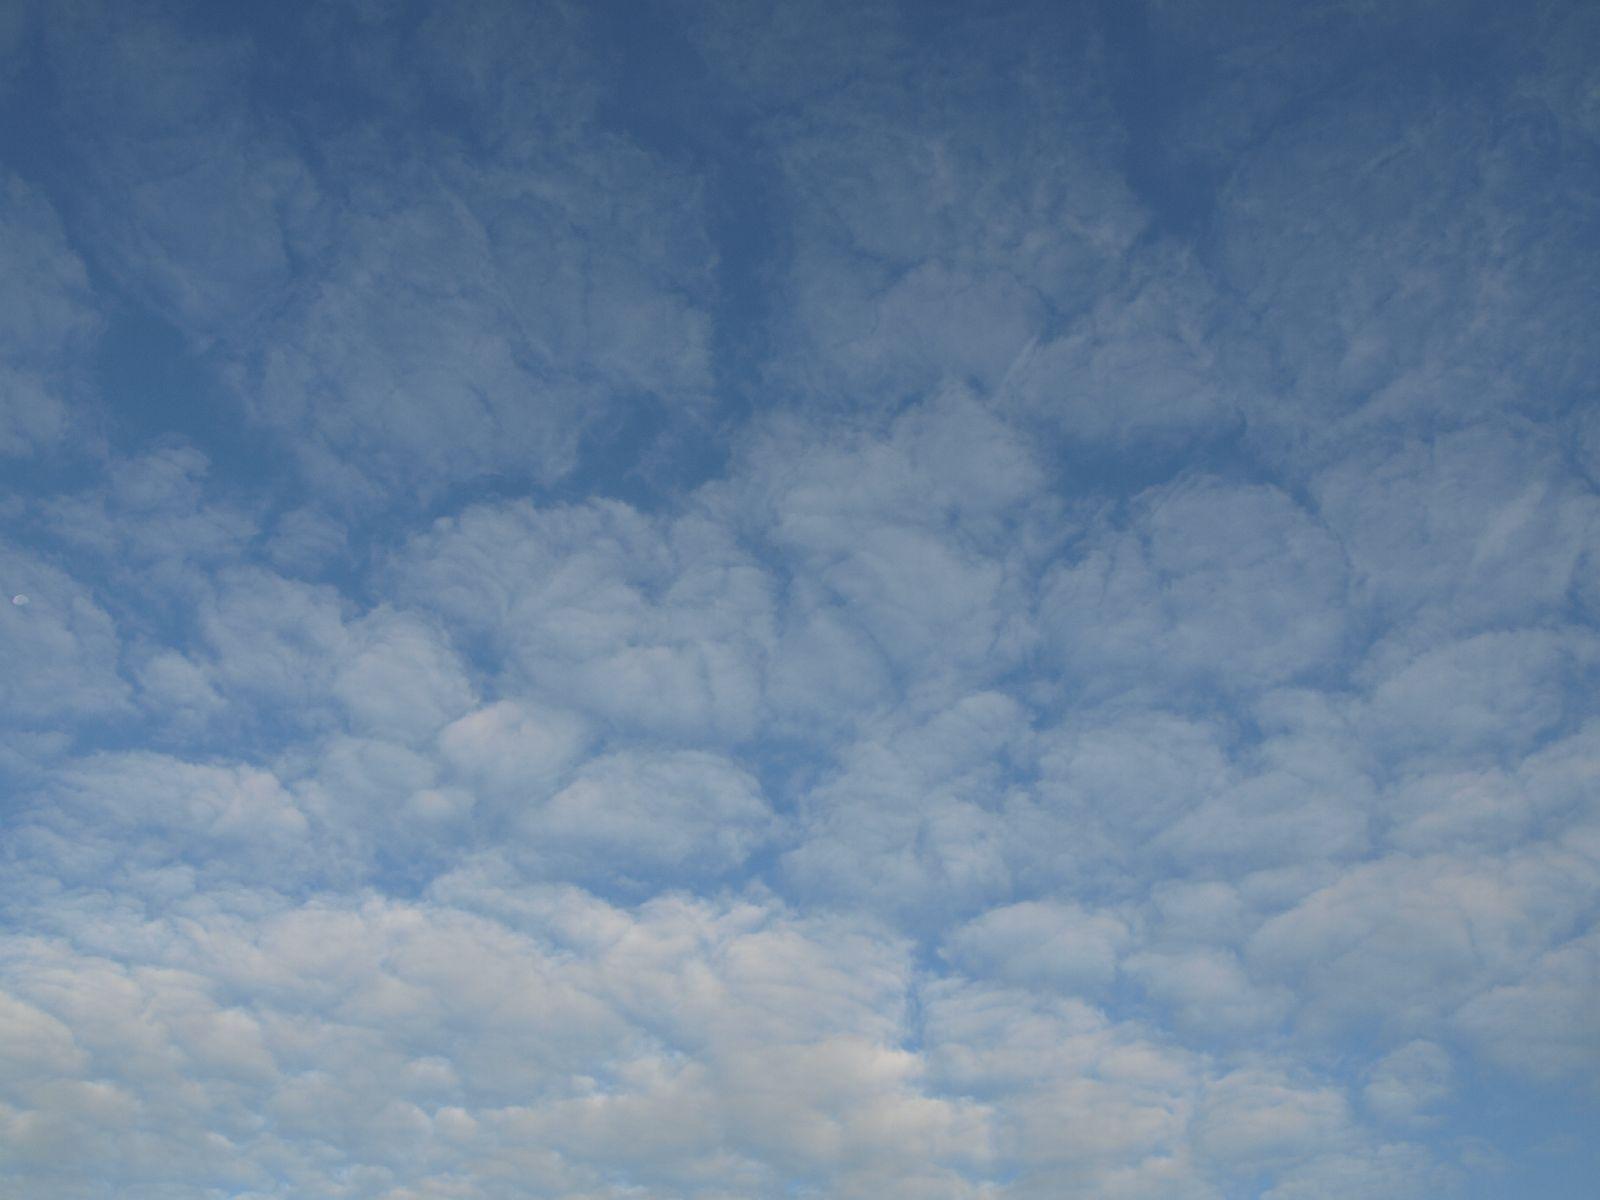 Himmel-Wolken-Foto_Textur_A_P8214566